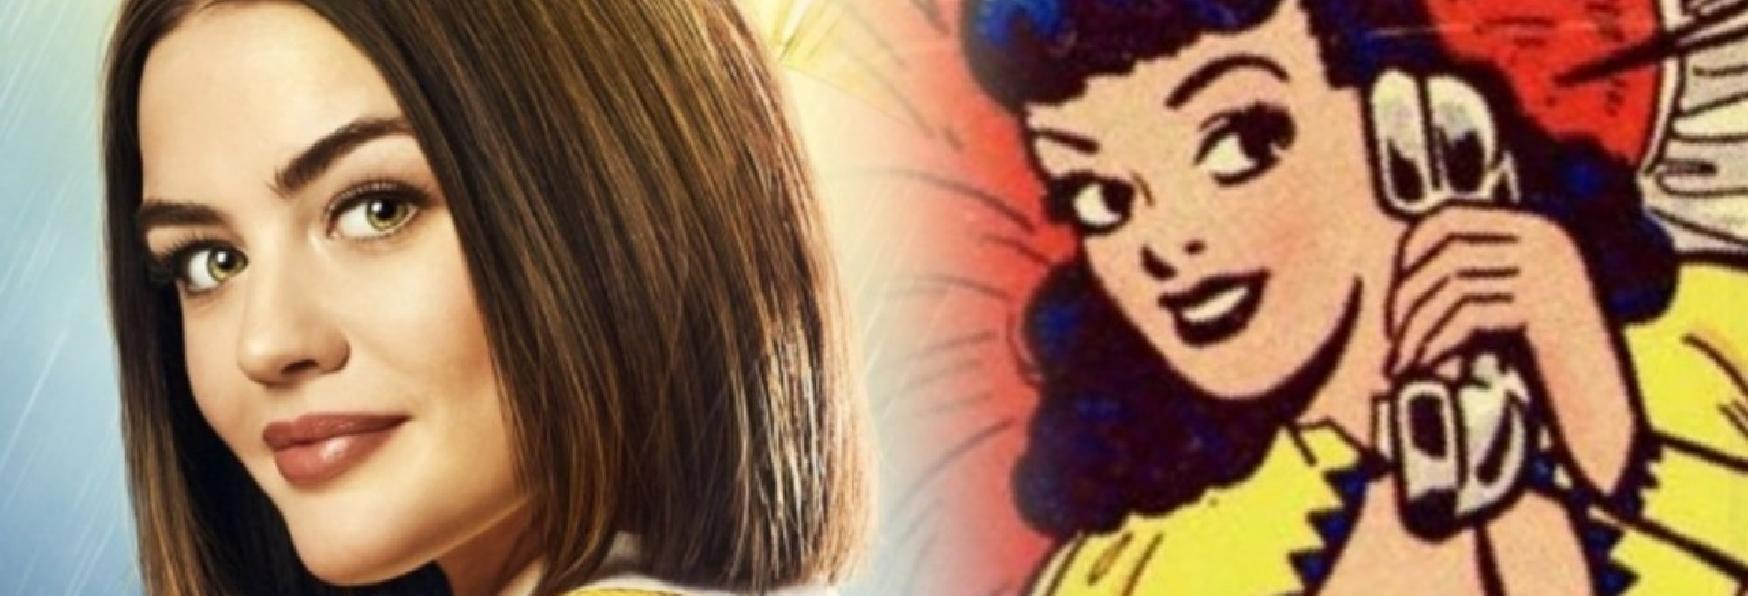 Riverdale: lo Spin-off Katy Keene vedrà come Protagonista Lucy Hale, tutte le Info sui Personaggi